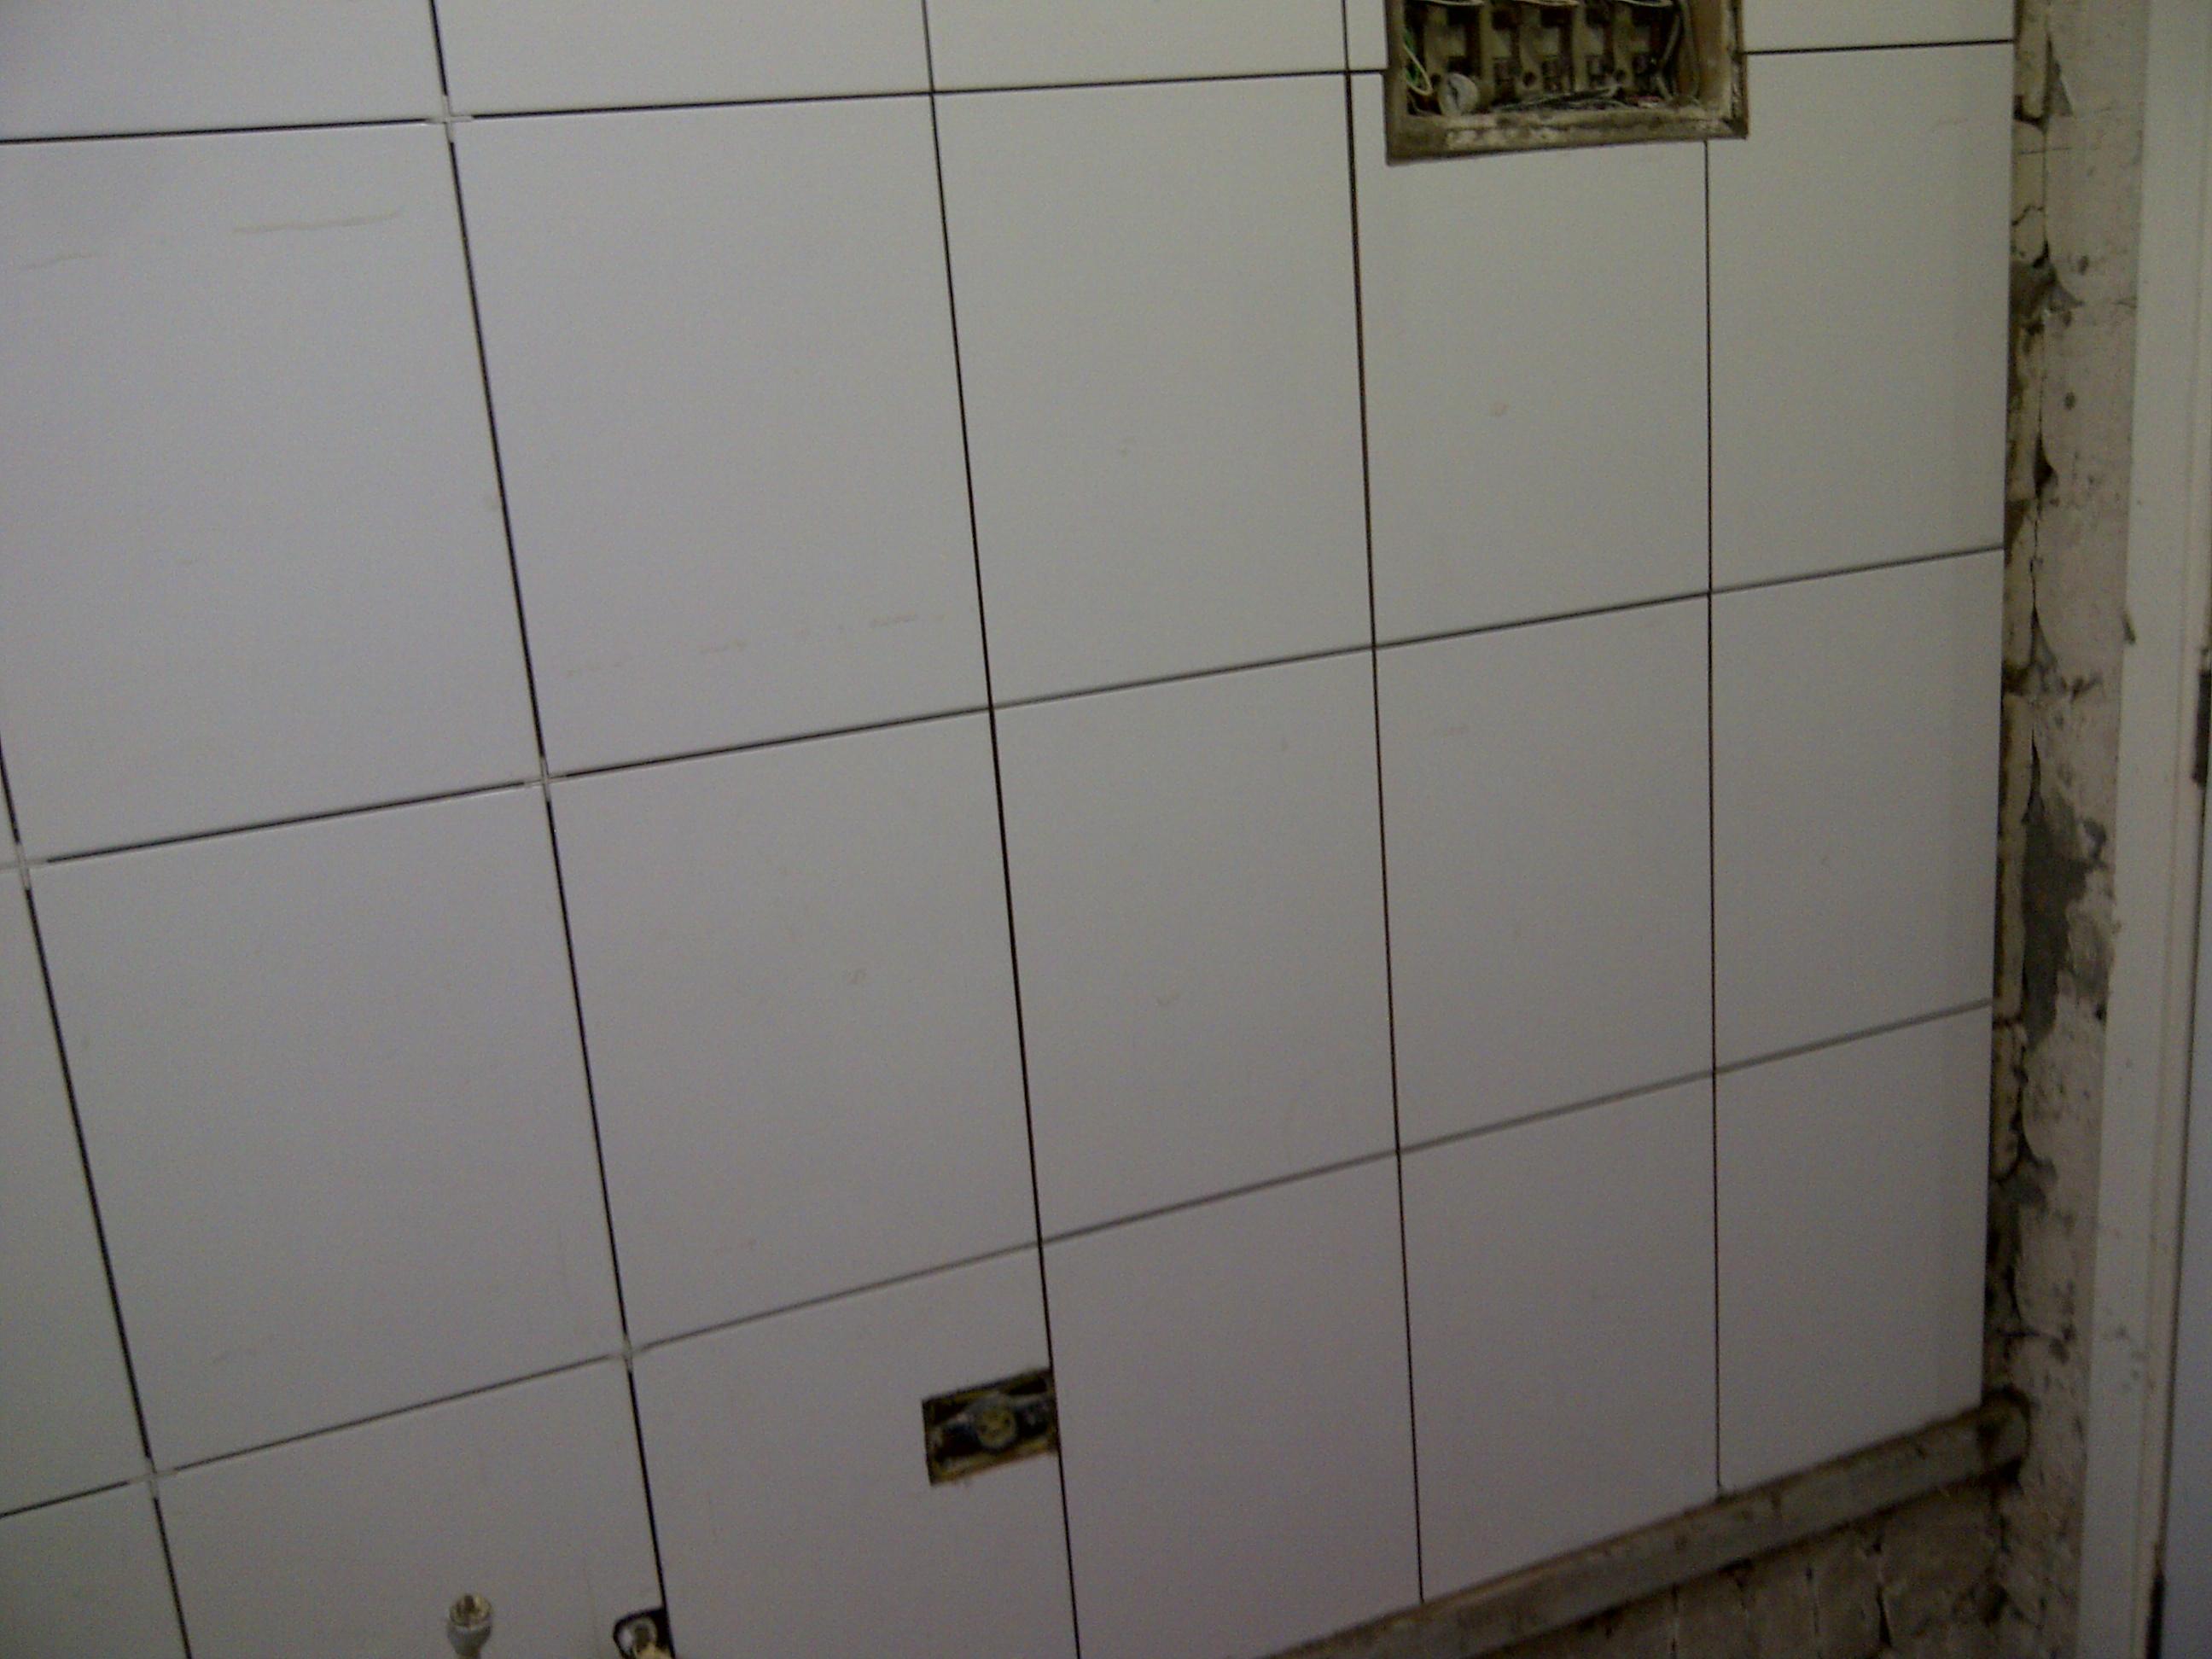 Depois] Banheiro – encanamento piso e revestimento vitro e  #373027 2592 1944